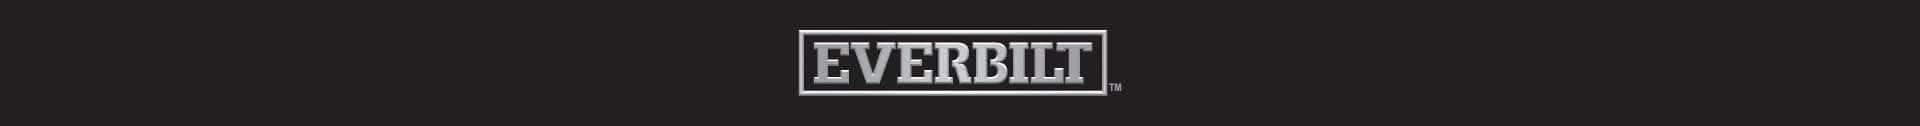 Everbilt banner